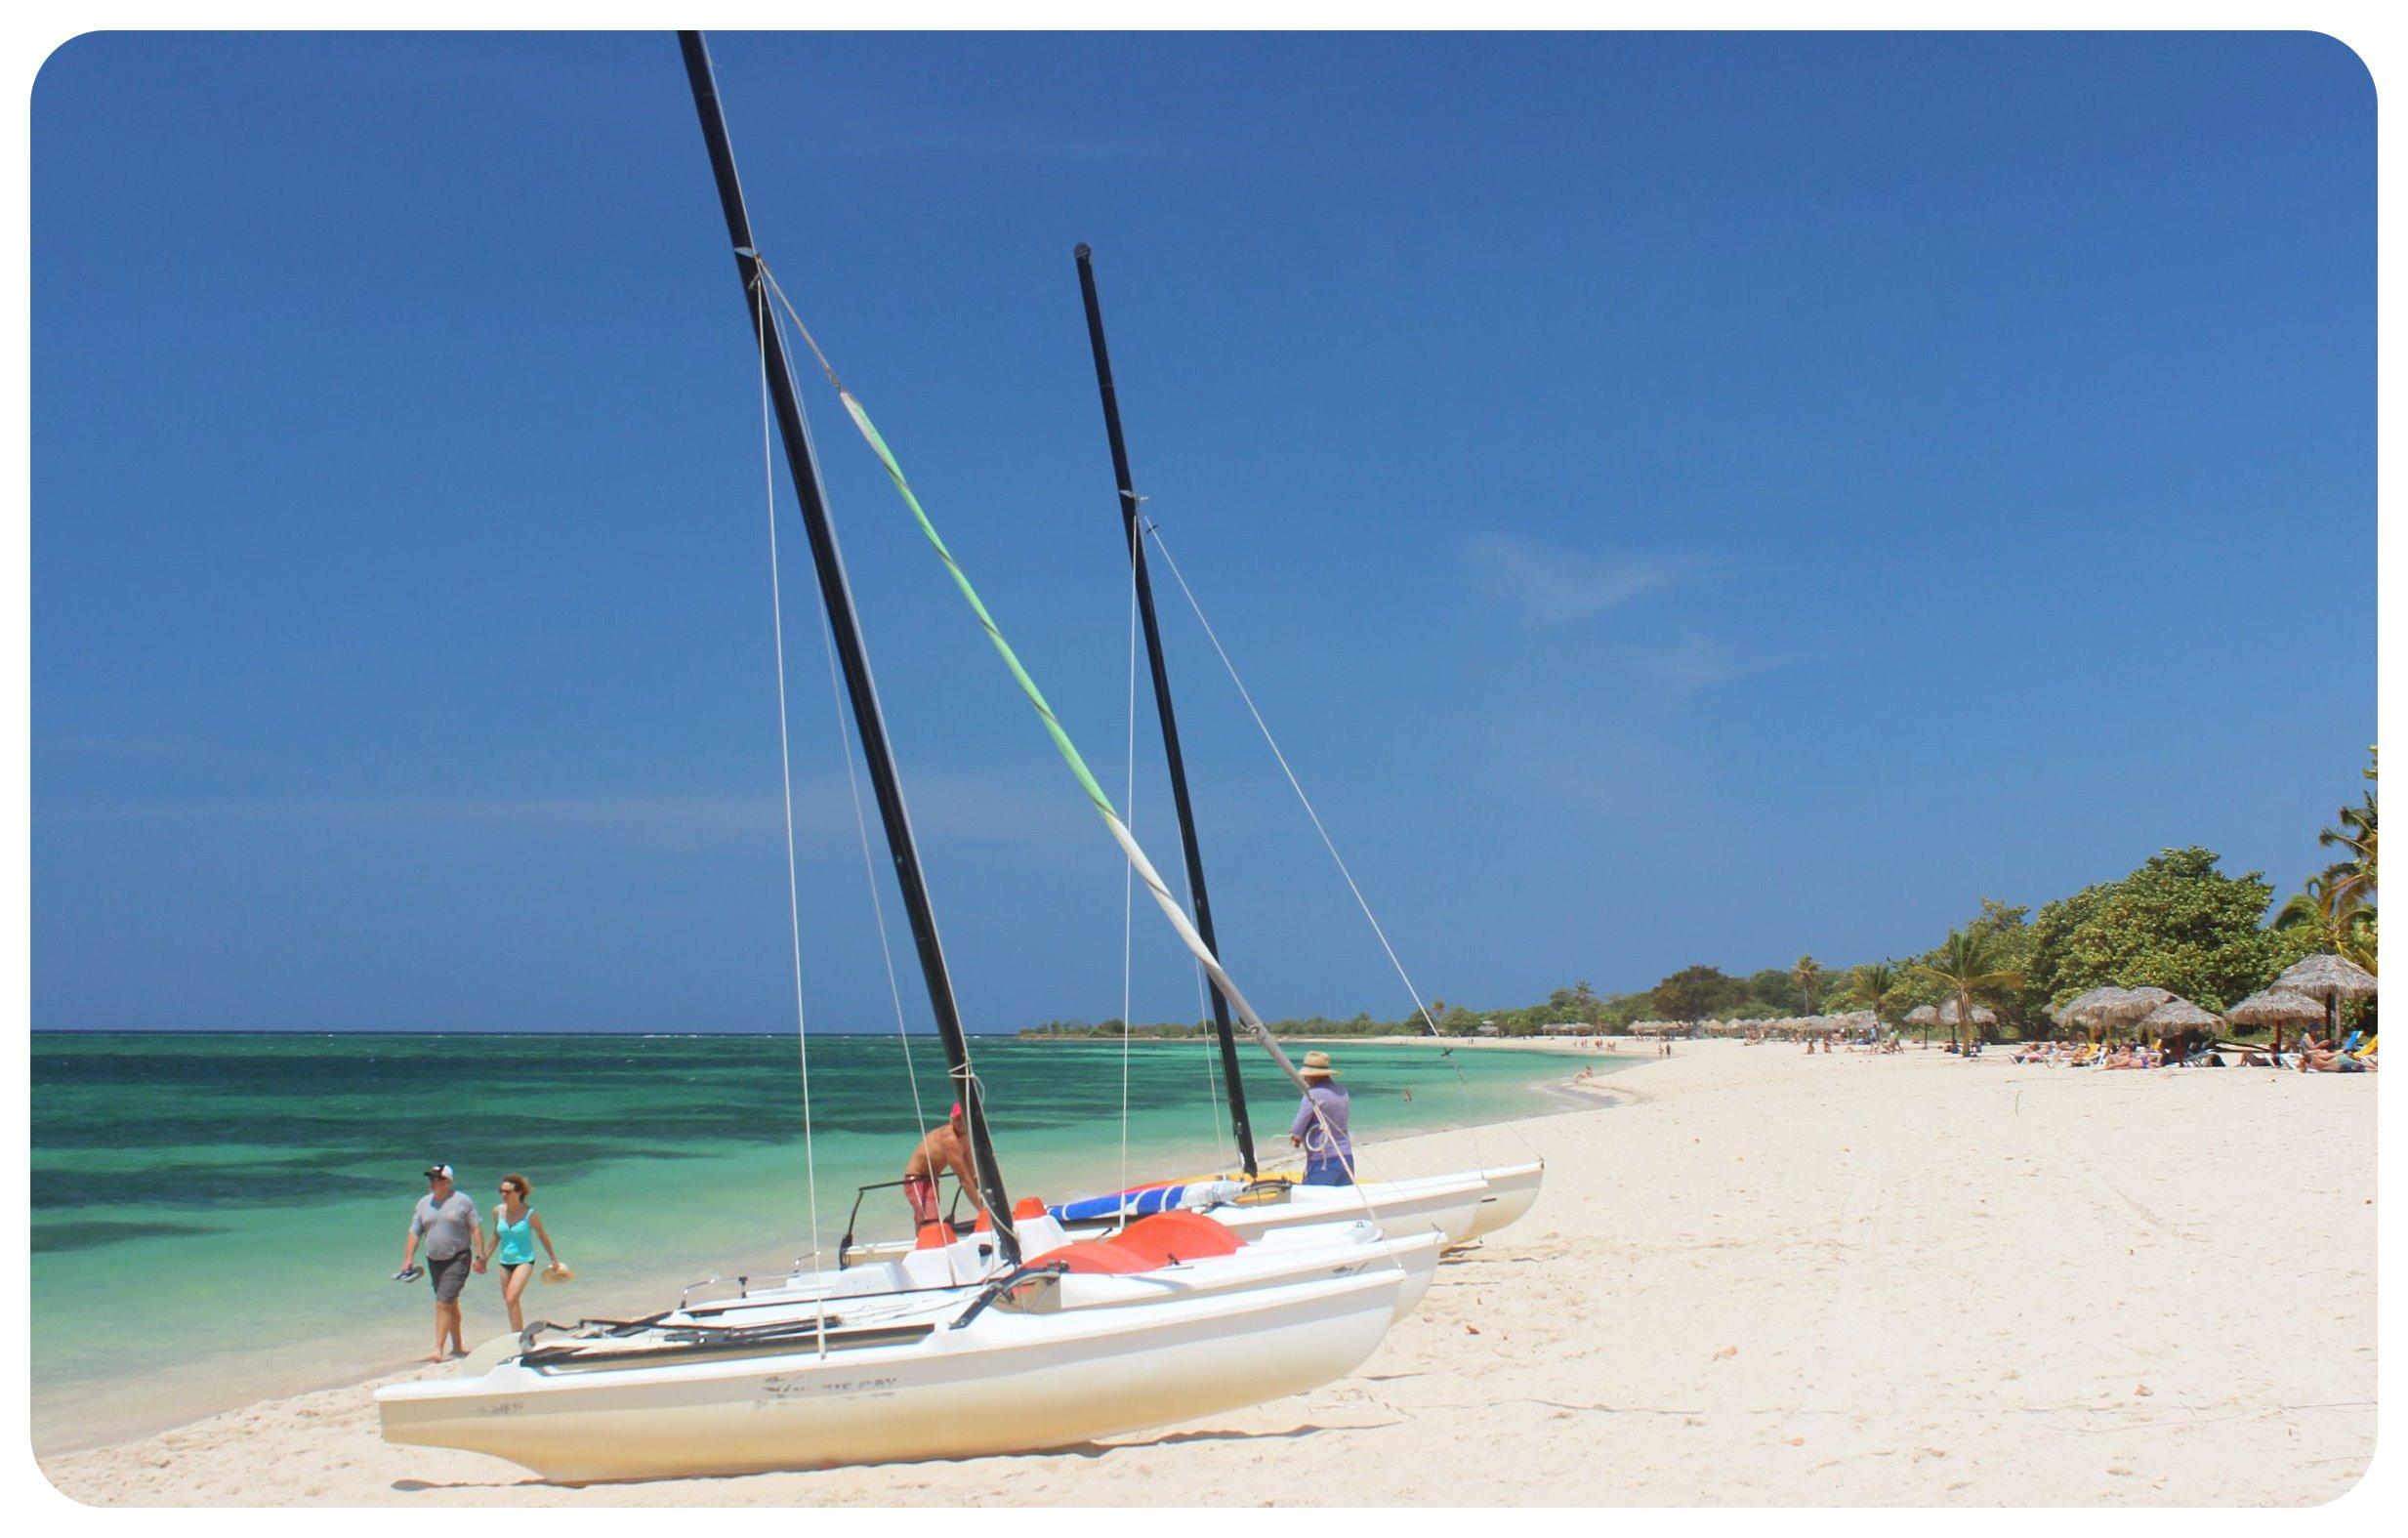 playa arcon cuba